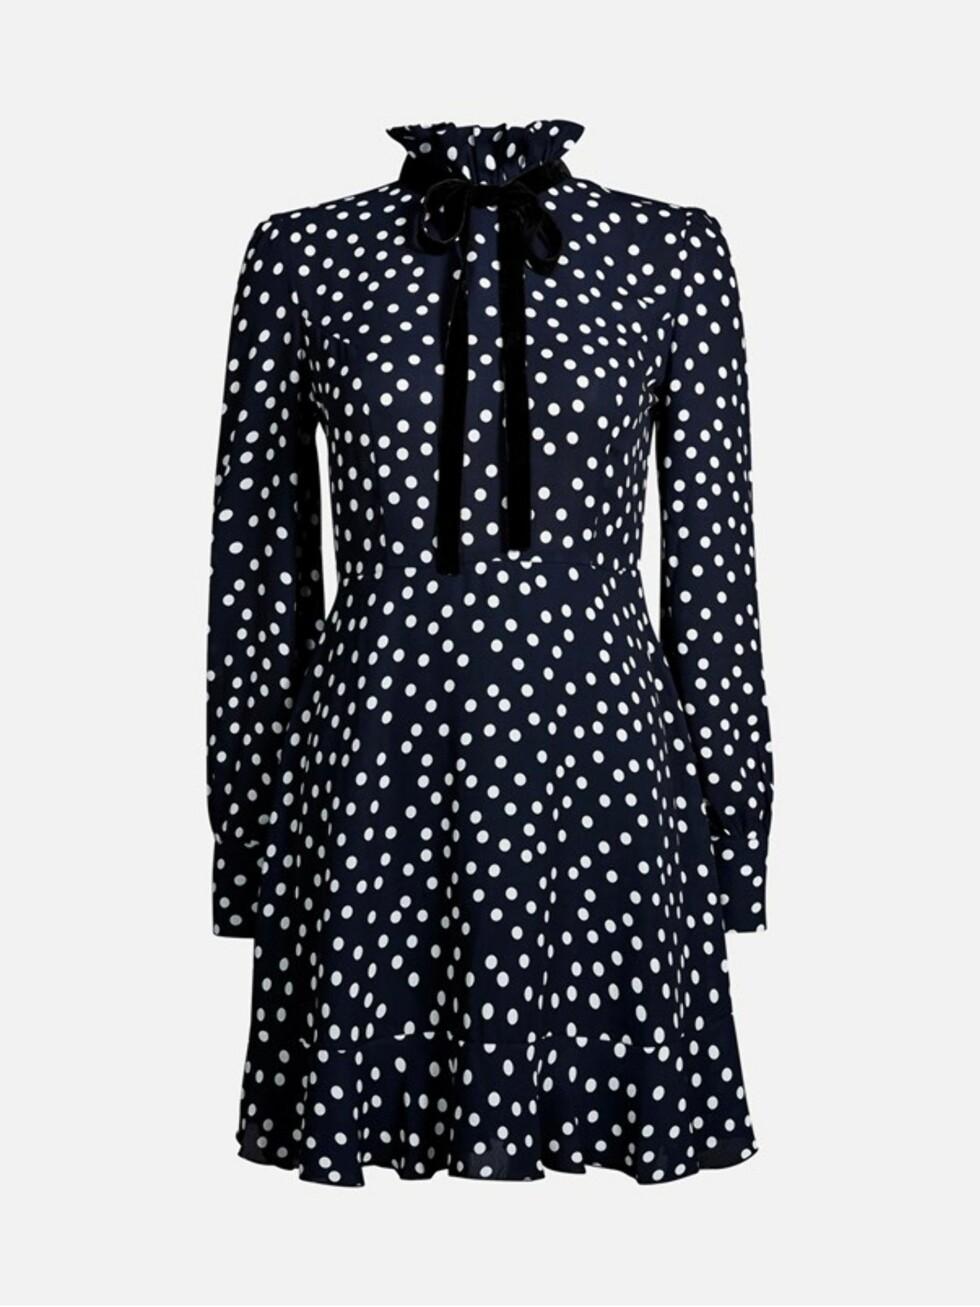 Kjole fra Bik Bok |399,-| https://bikbok.com/no/p/kjoler/elsa-kjole/7206921_F580